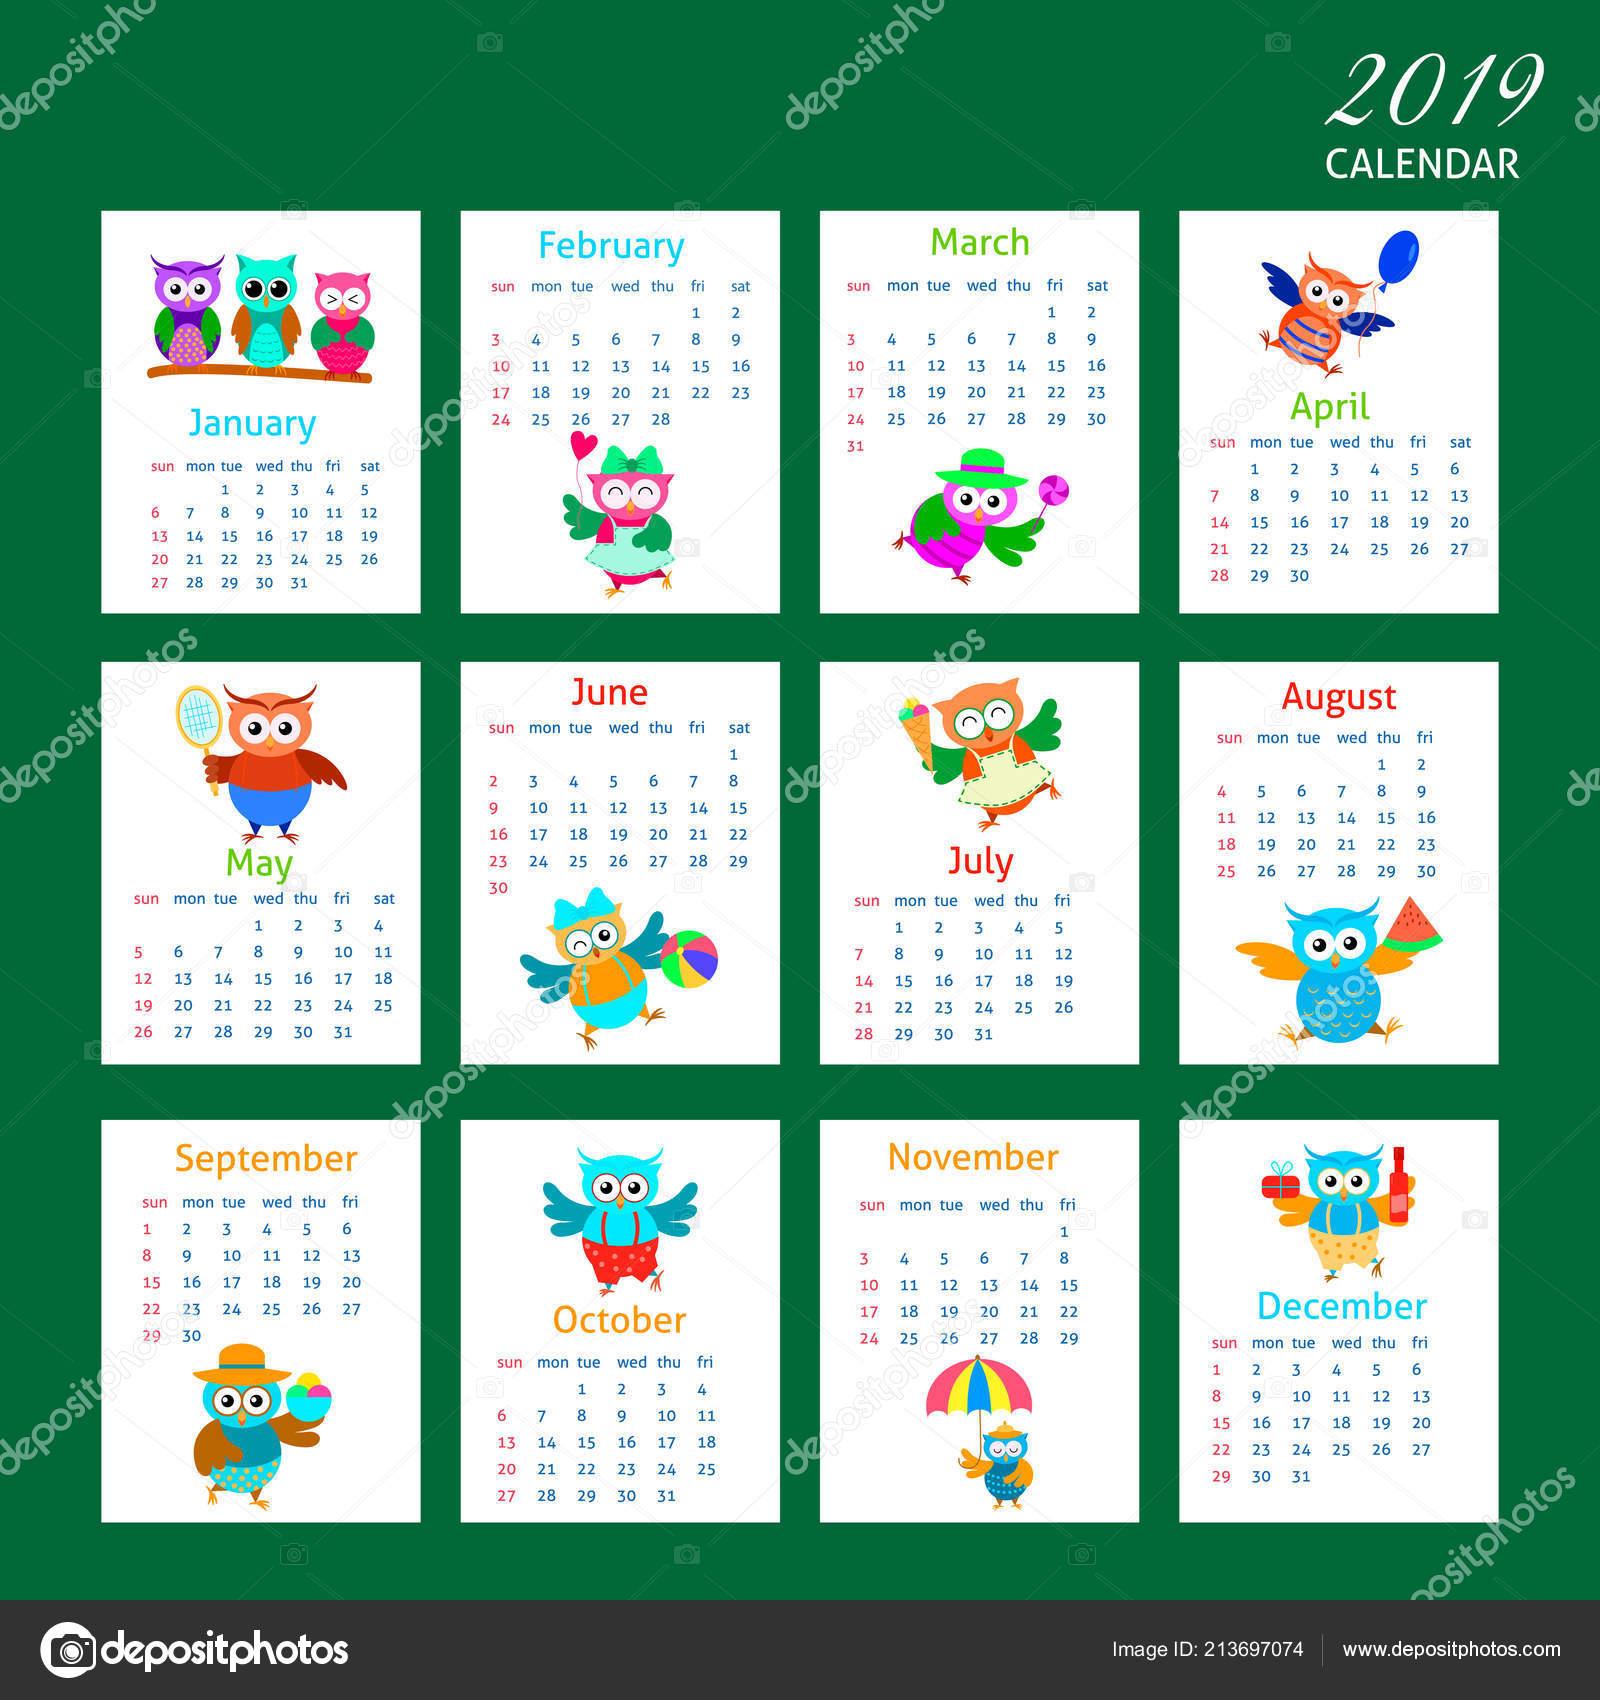 Calendario Dibujo 2019.Diseno Dibujos Animados Buho Calendario 2019 Vector De